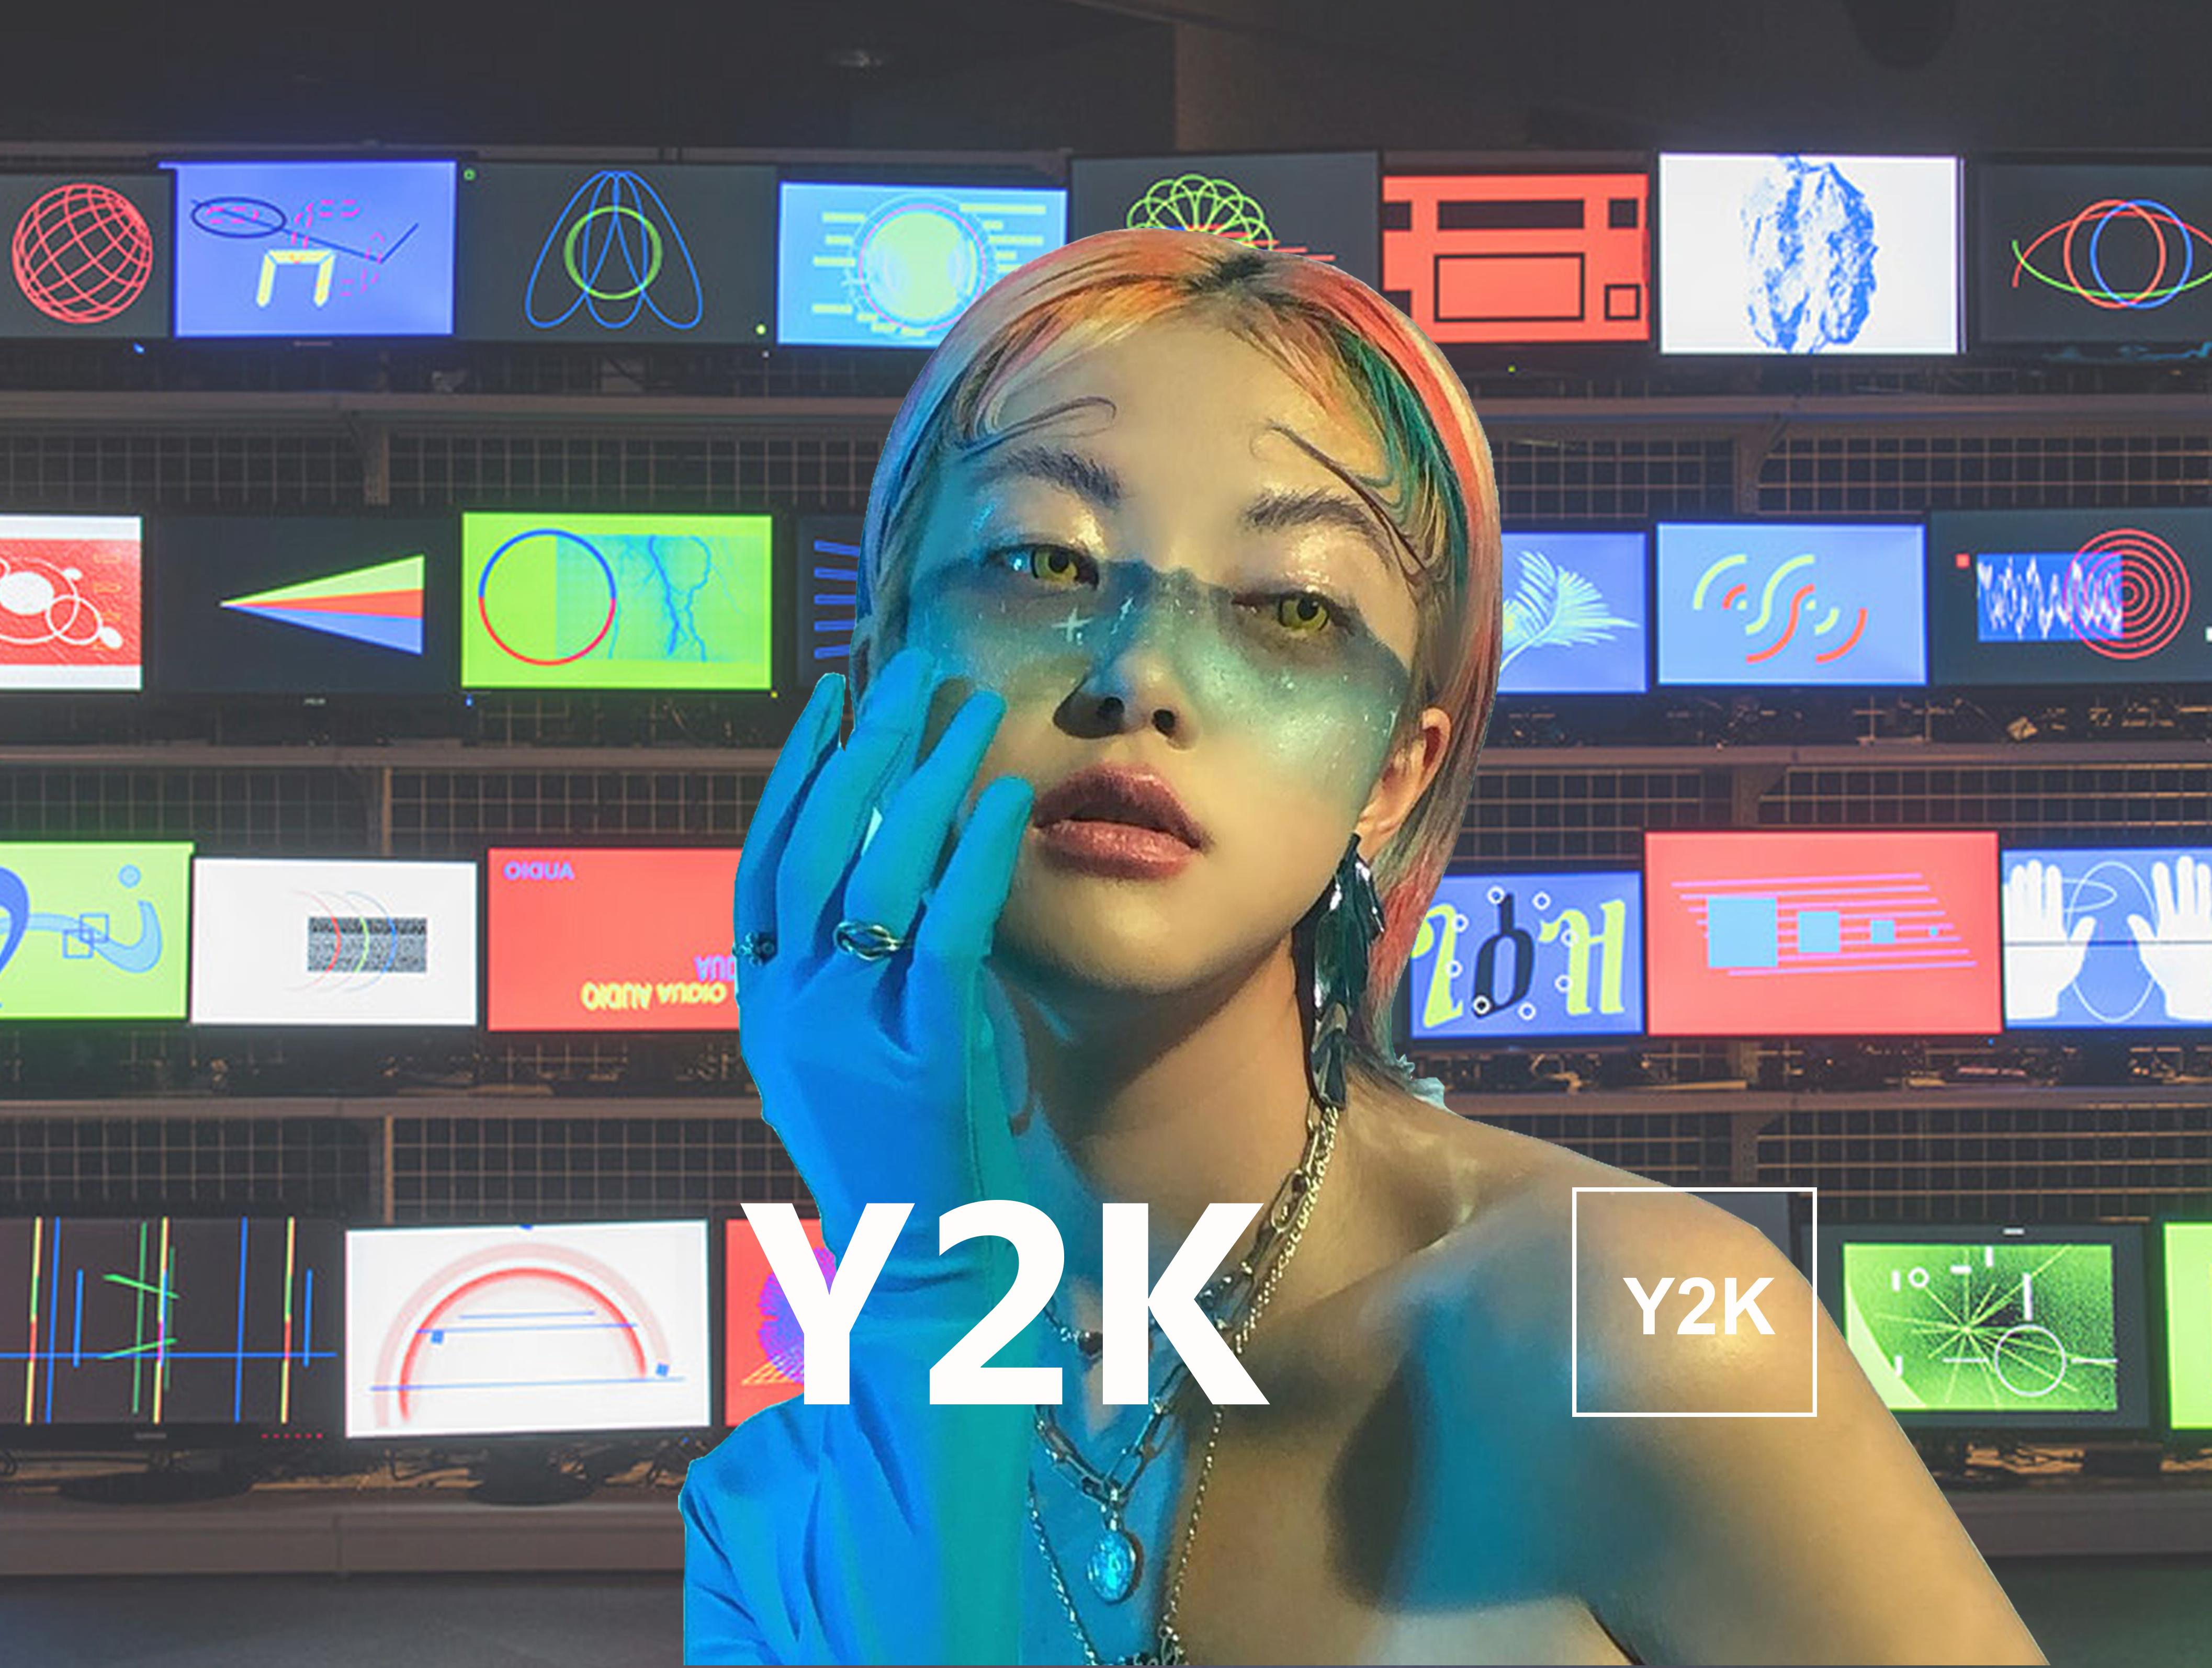 Y2K -- S/S 2021 Theme Trend